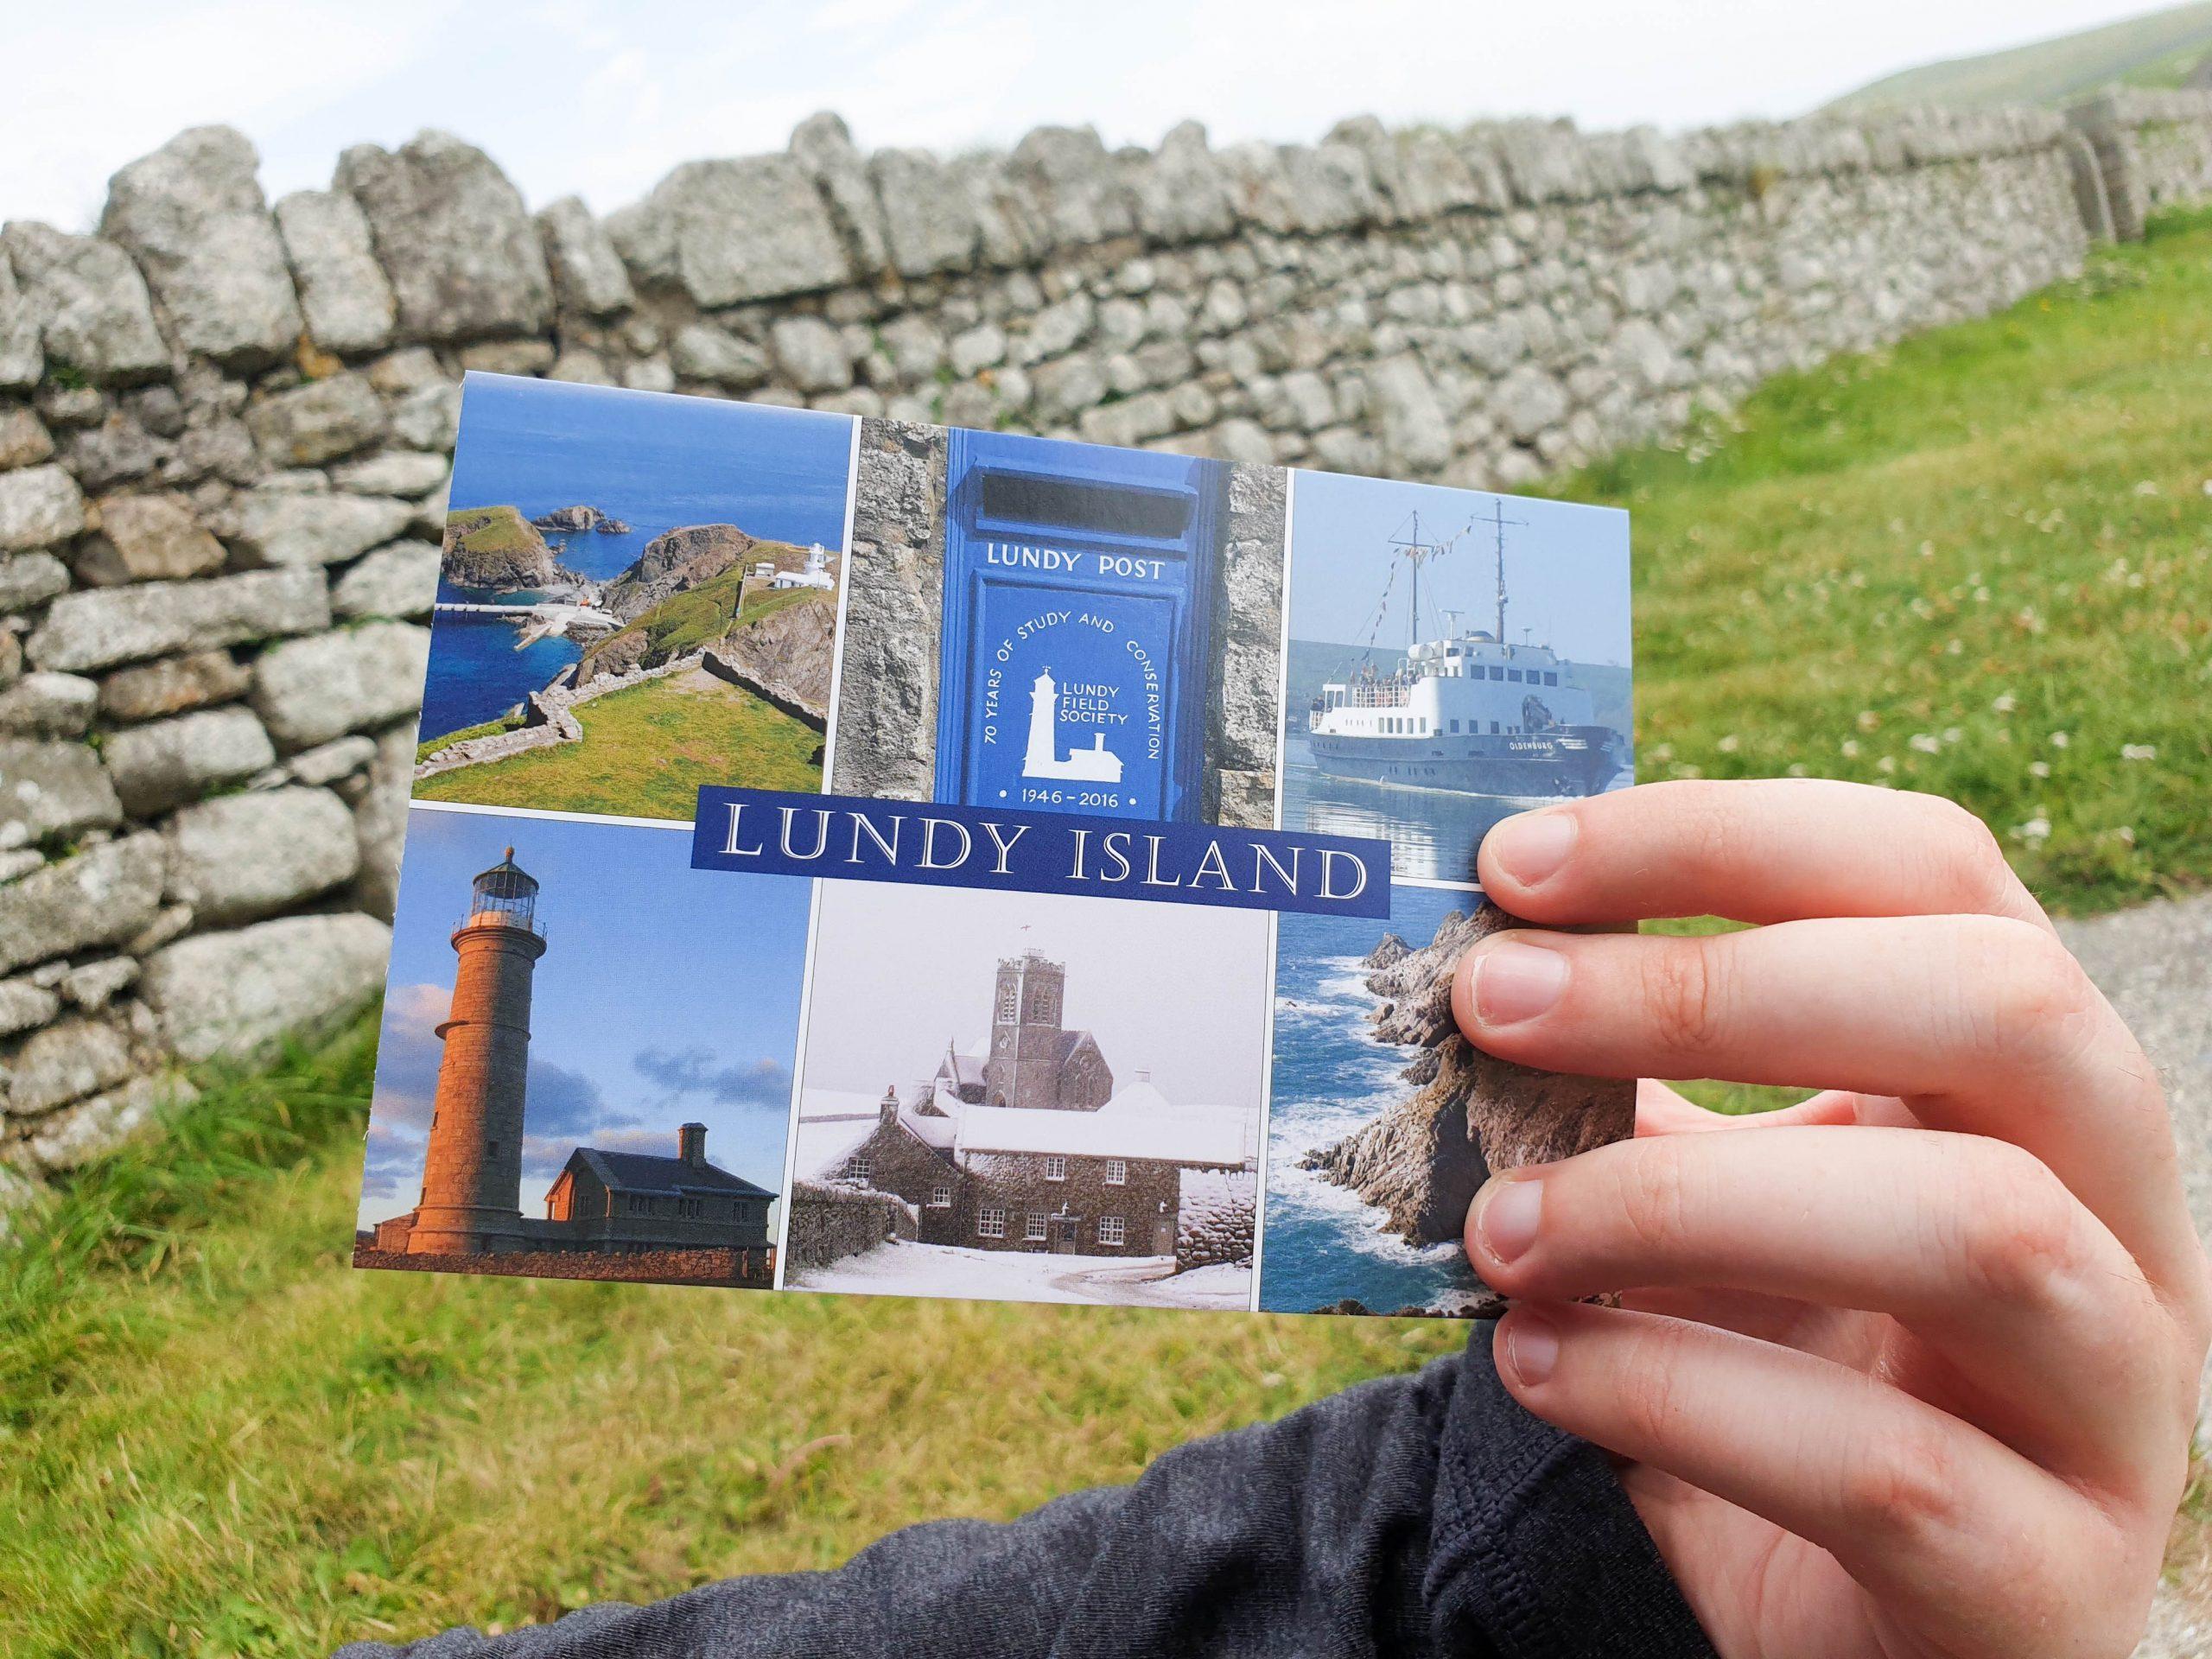 Lundy Island Postcard